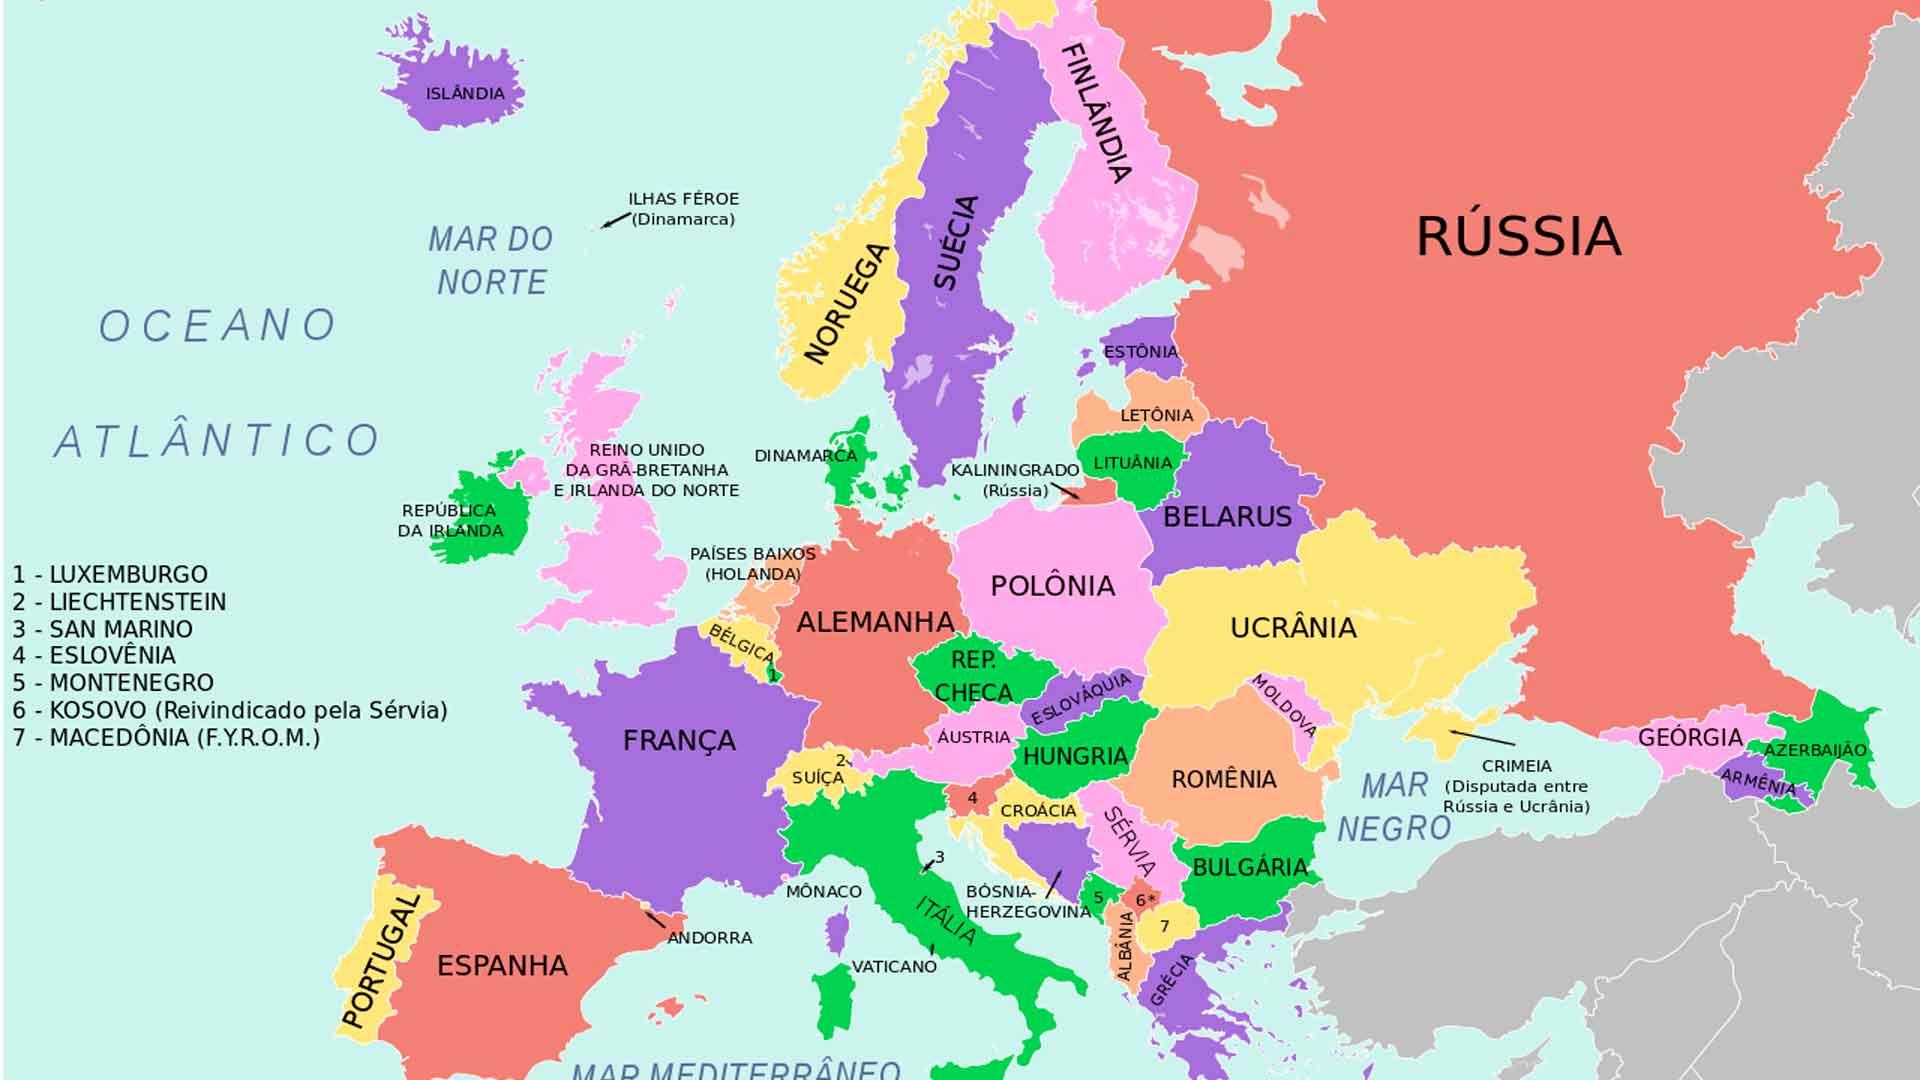 Mapa com todos os países da Europa